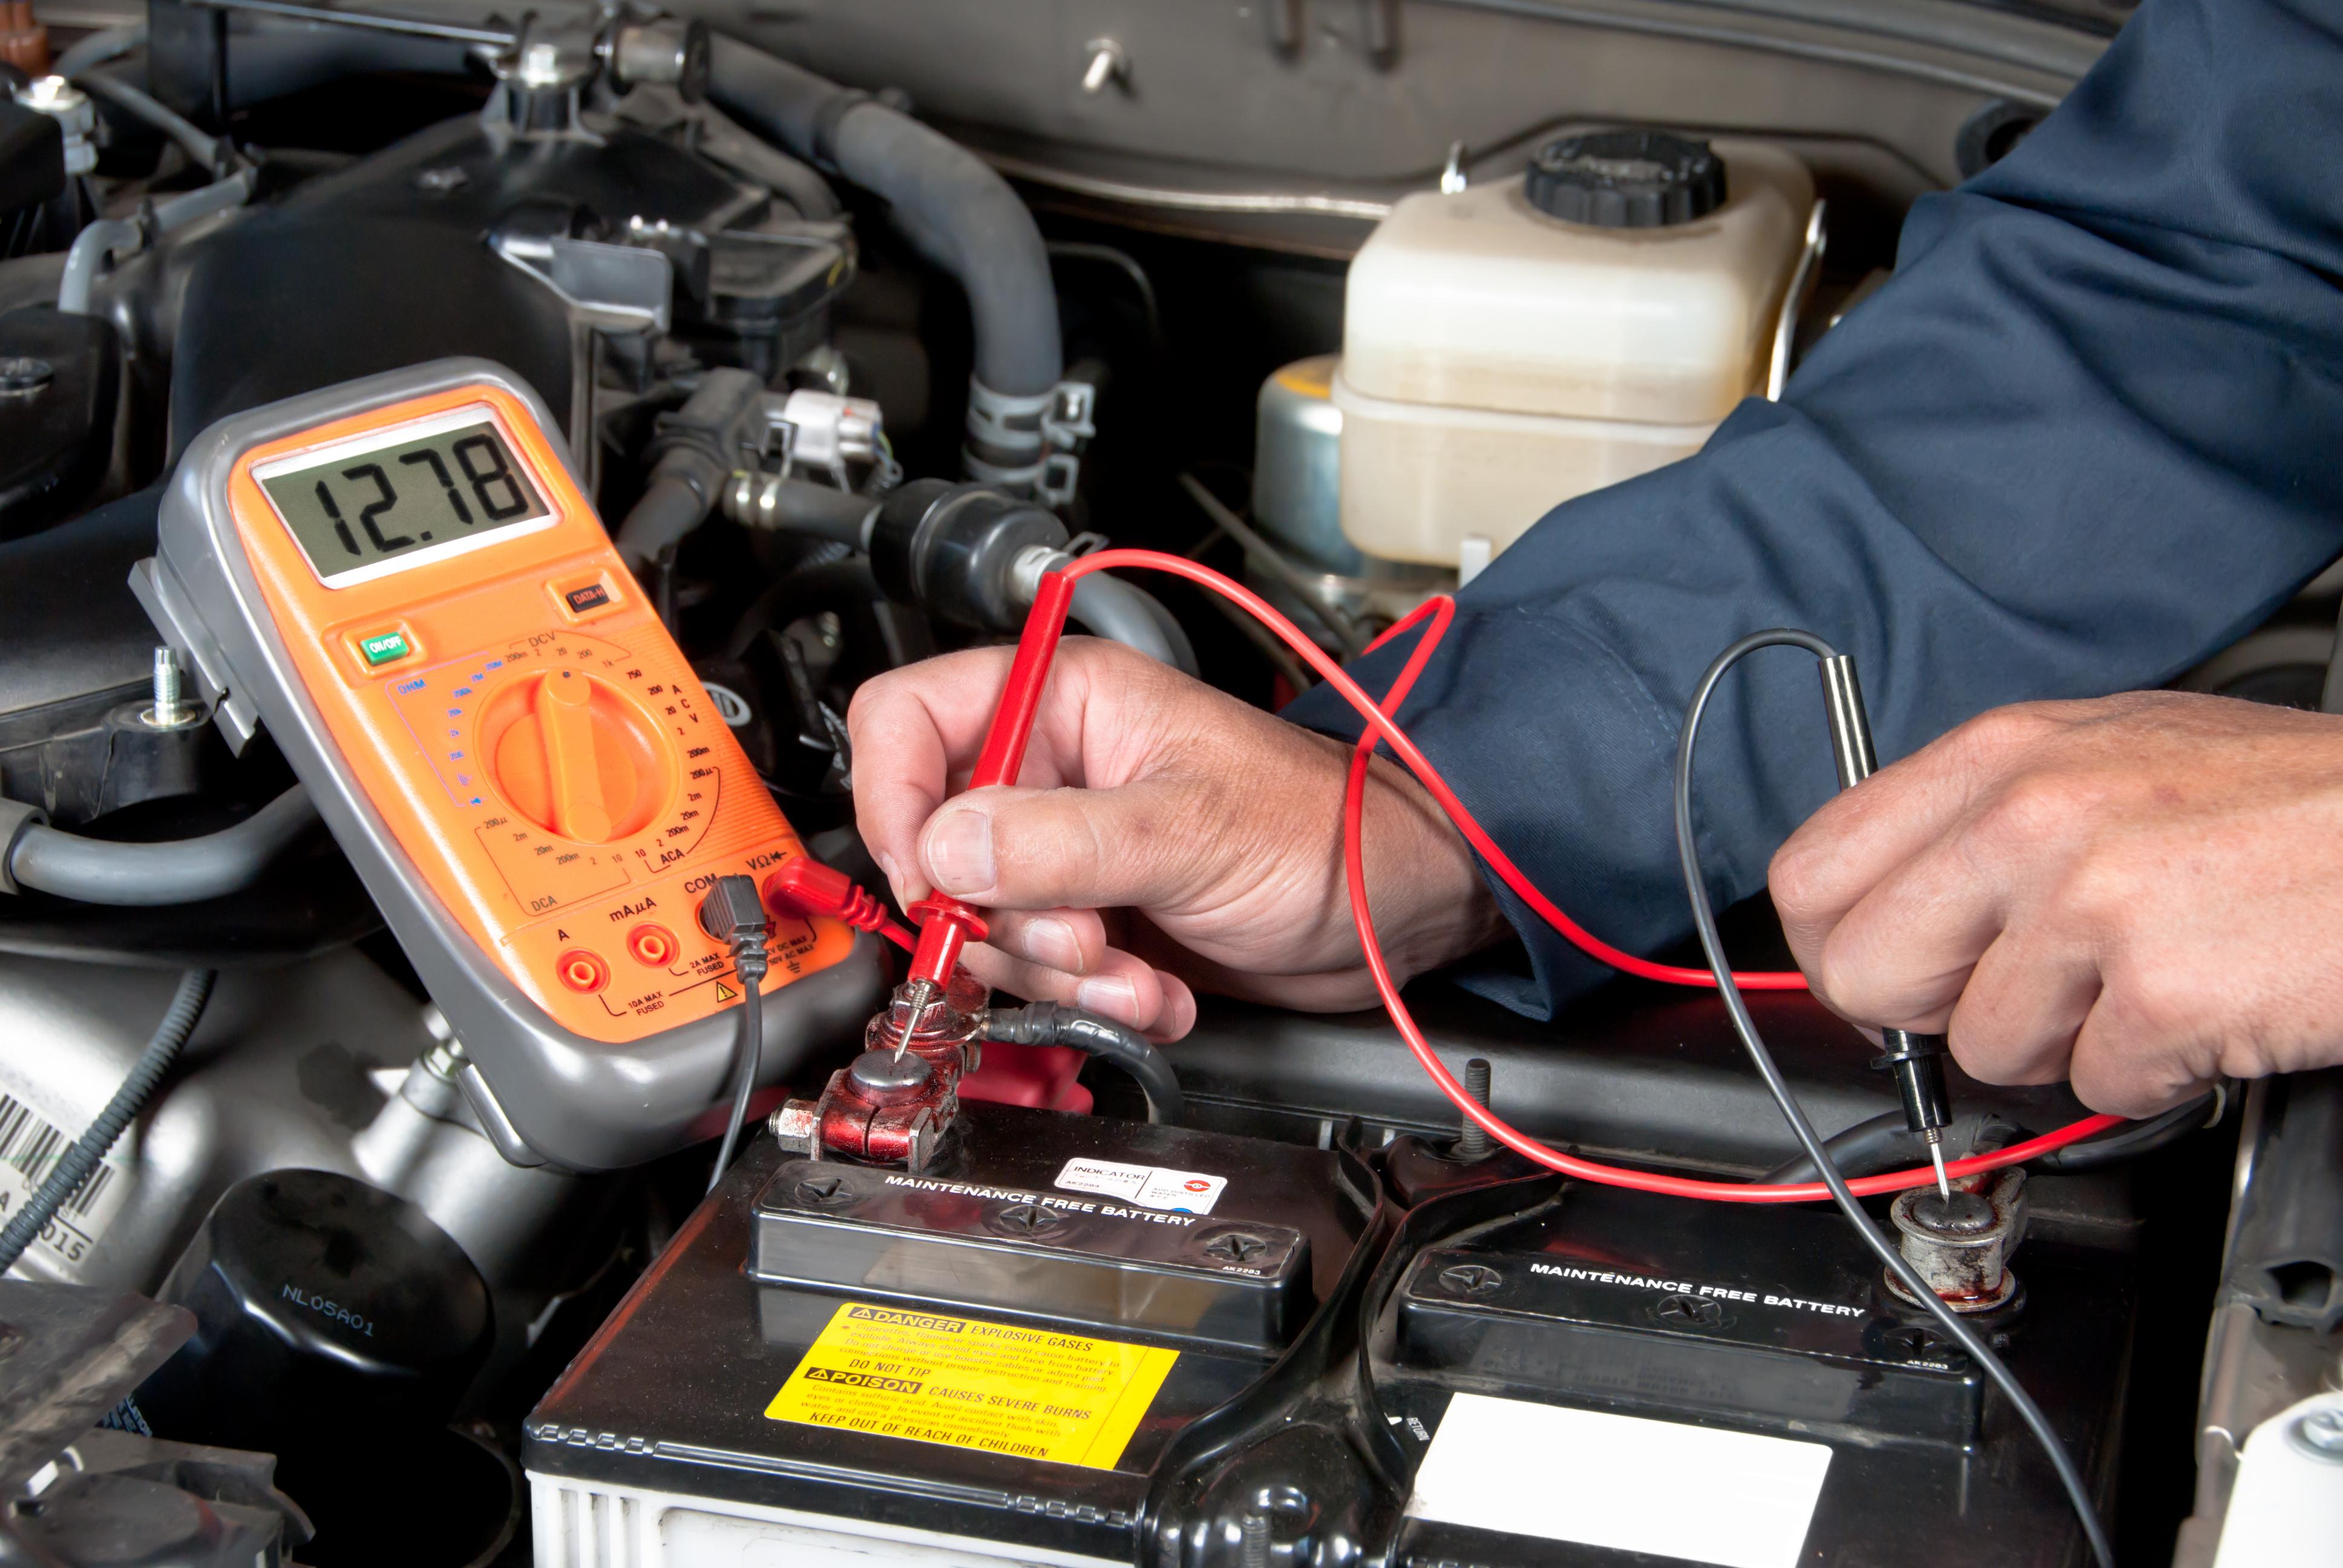 Autobatterie, Batterie, 12V, 12 Volt, Kfz, Batterie tauschen, Starthilfe, Überbrücken, Auto springt nicht an, Batterie prüfen